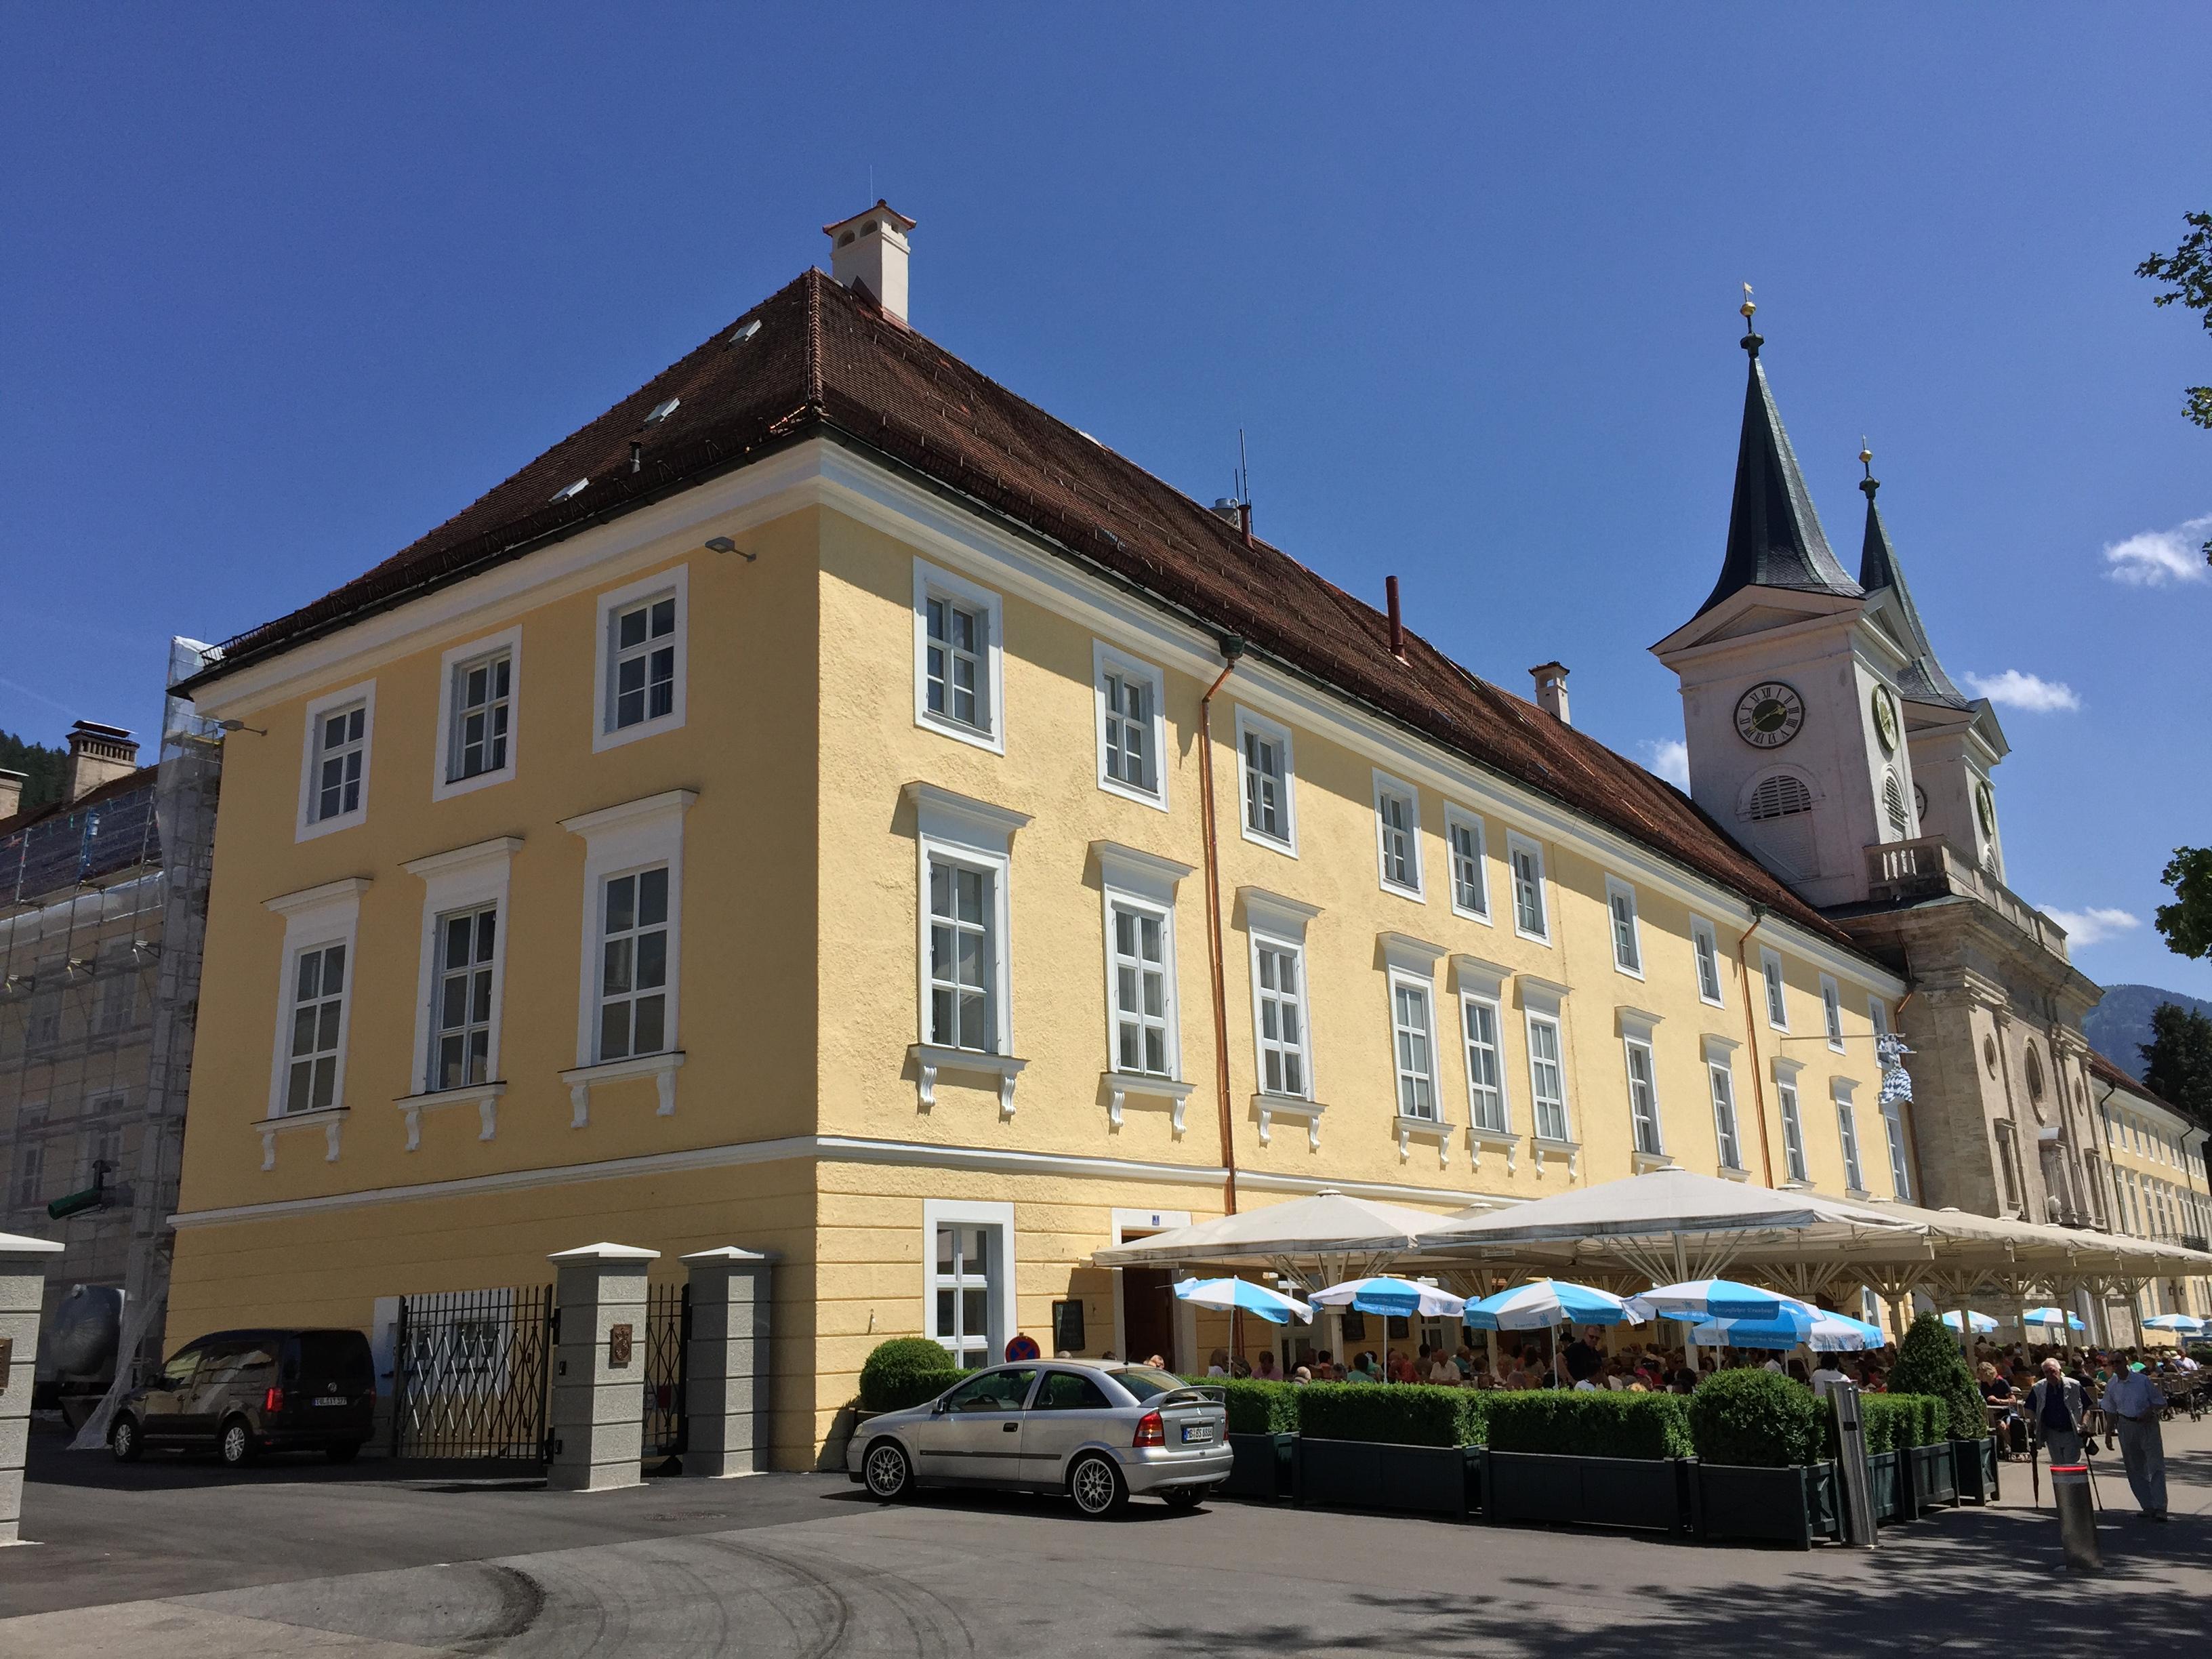 Tegernseer Schloss